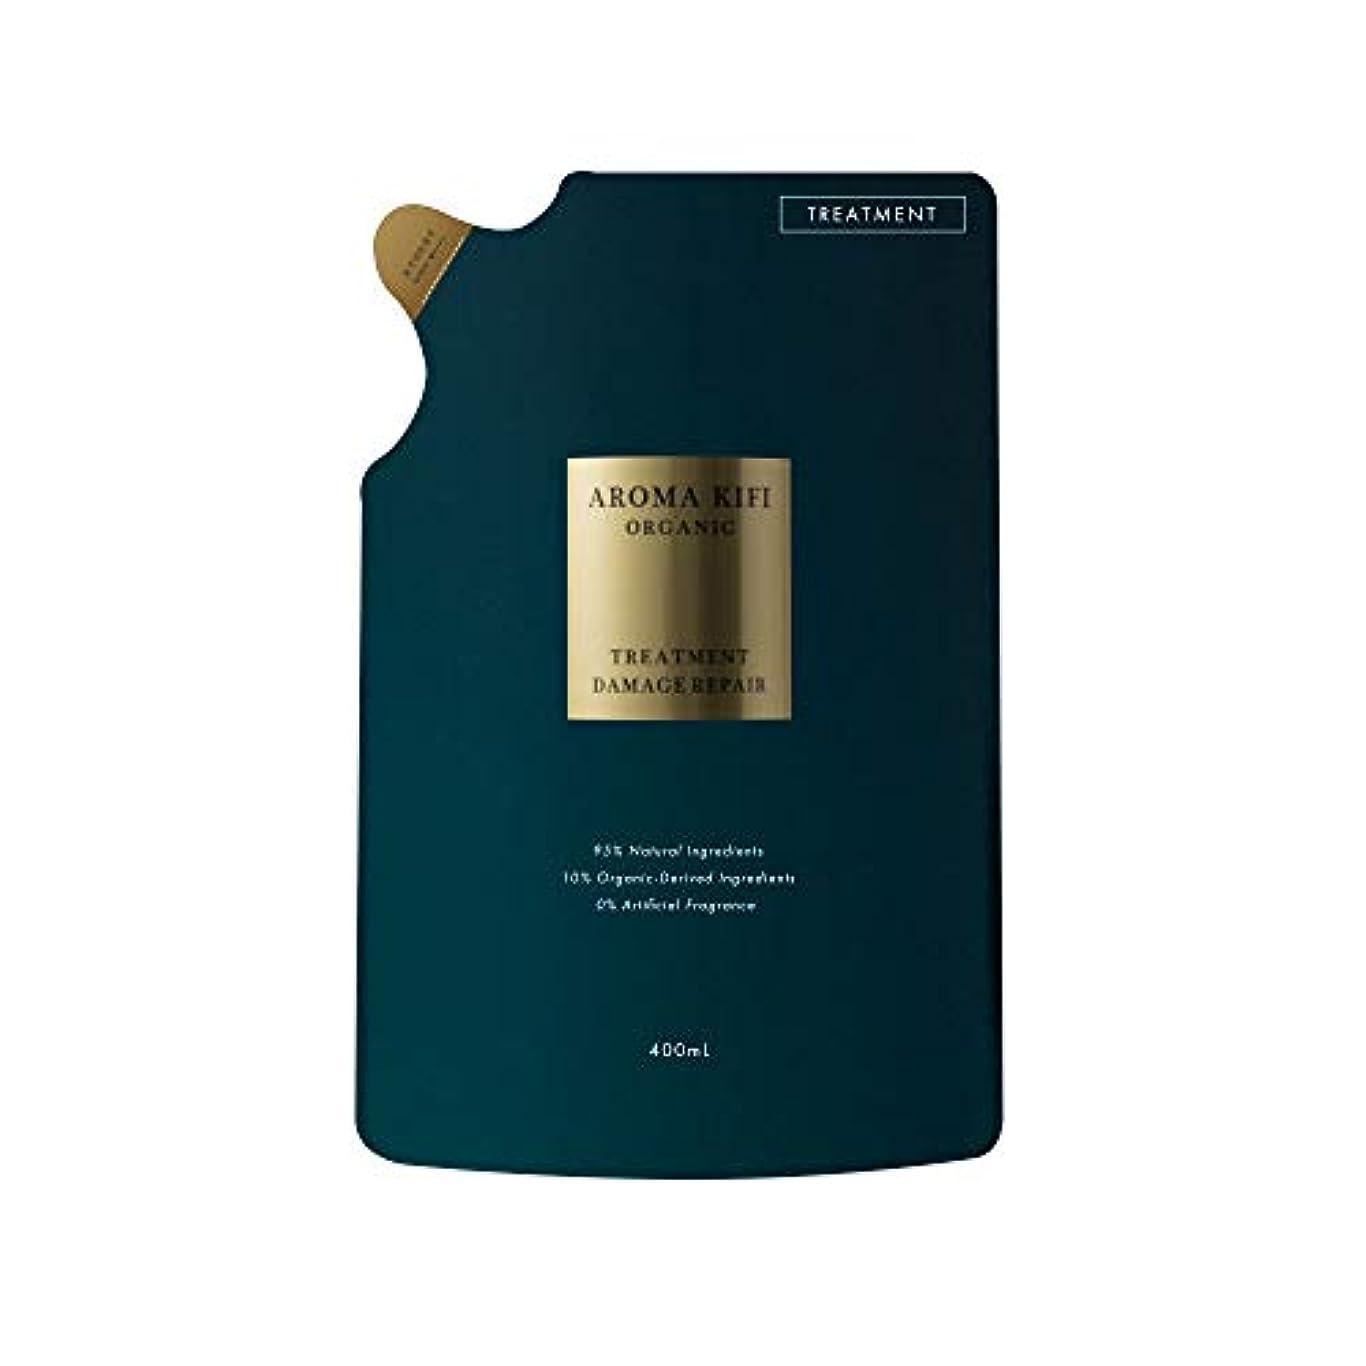 残基別れるビンアロマキフィ オーガニック トリートメント 詰替え 400ml 【ダメージリペア】サロン品質 ノンシリコン 無添加 パウダリーローズの香り